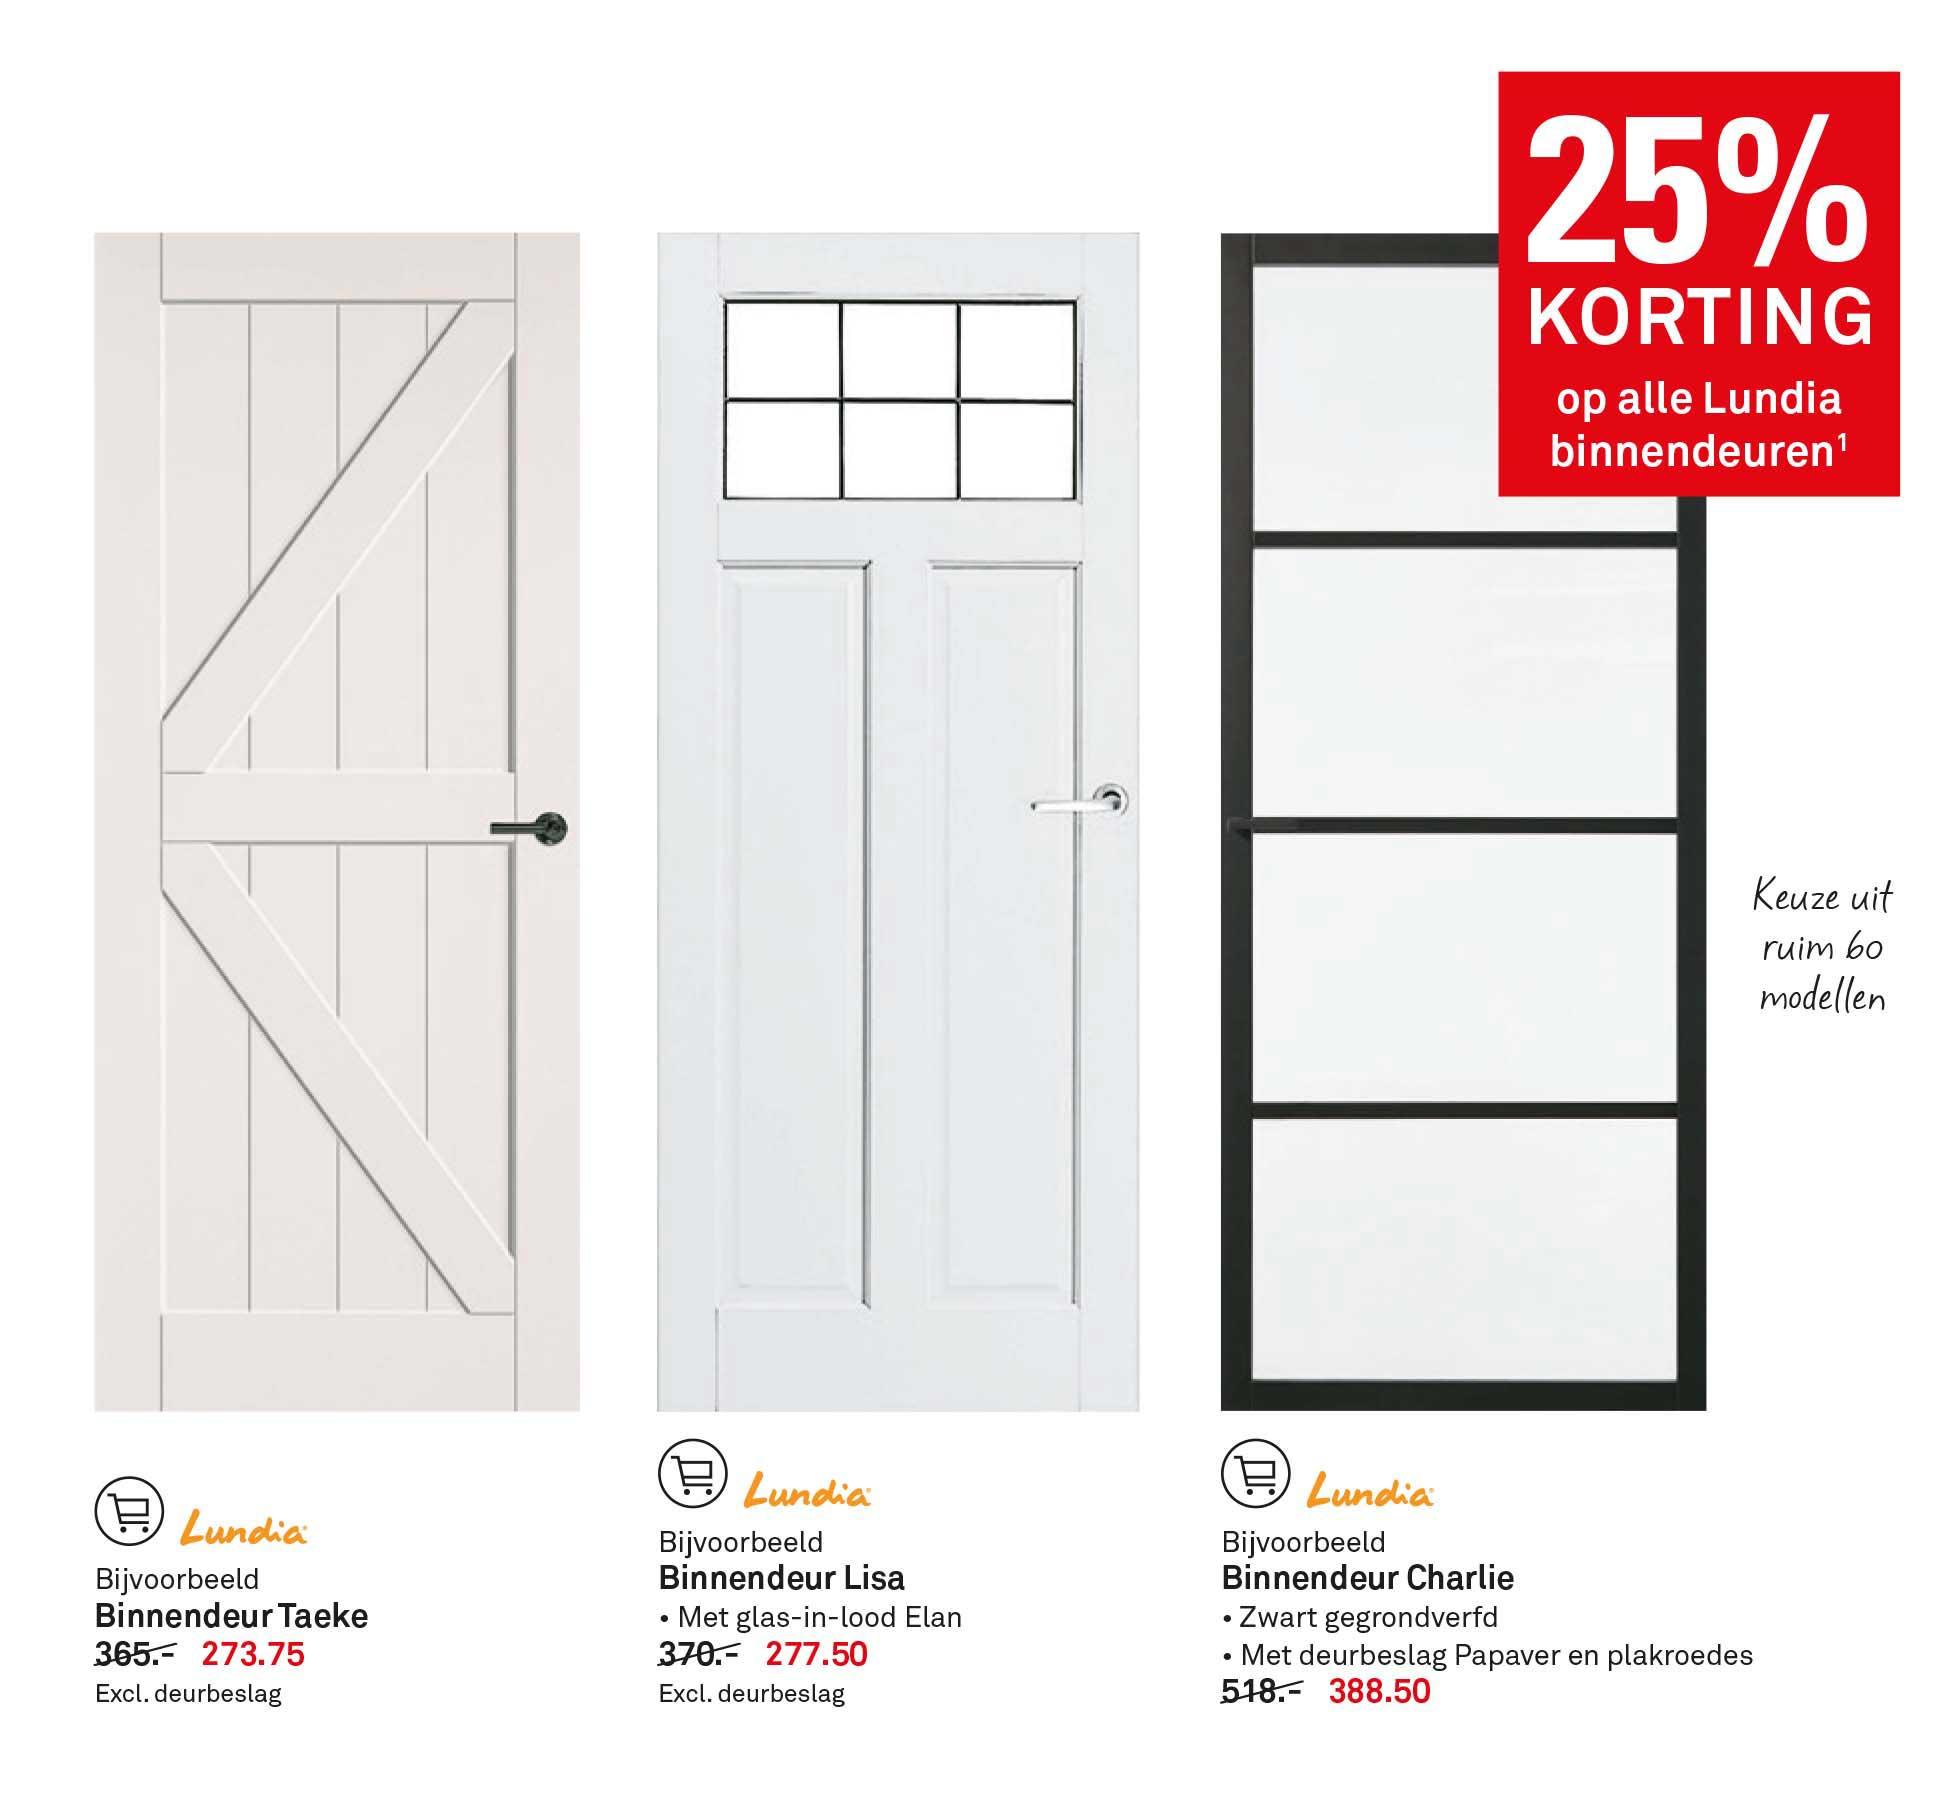 Karwei 25% Korting Op Alle Lundia Binnendeuren